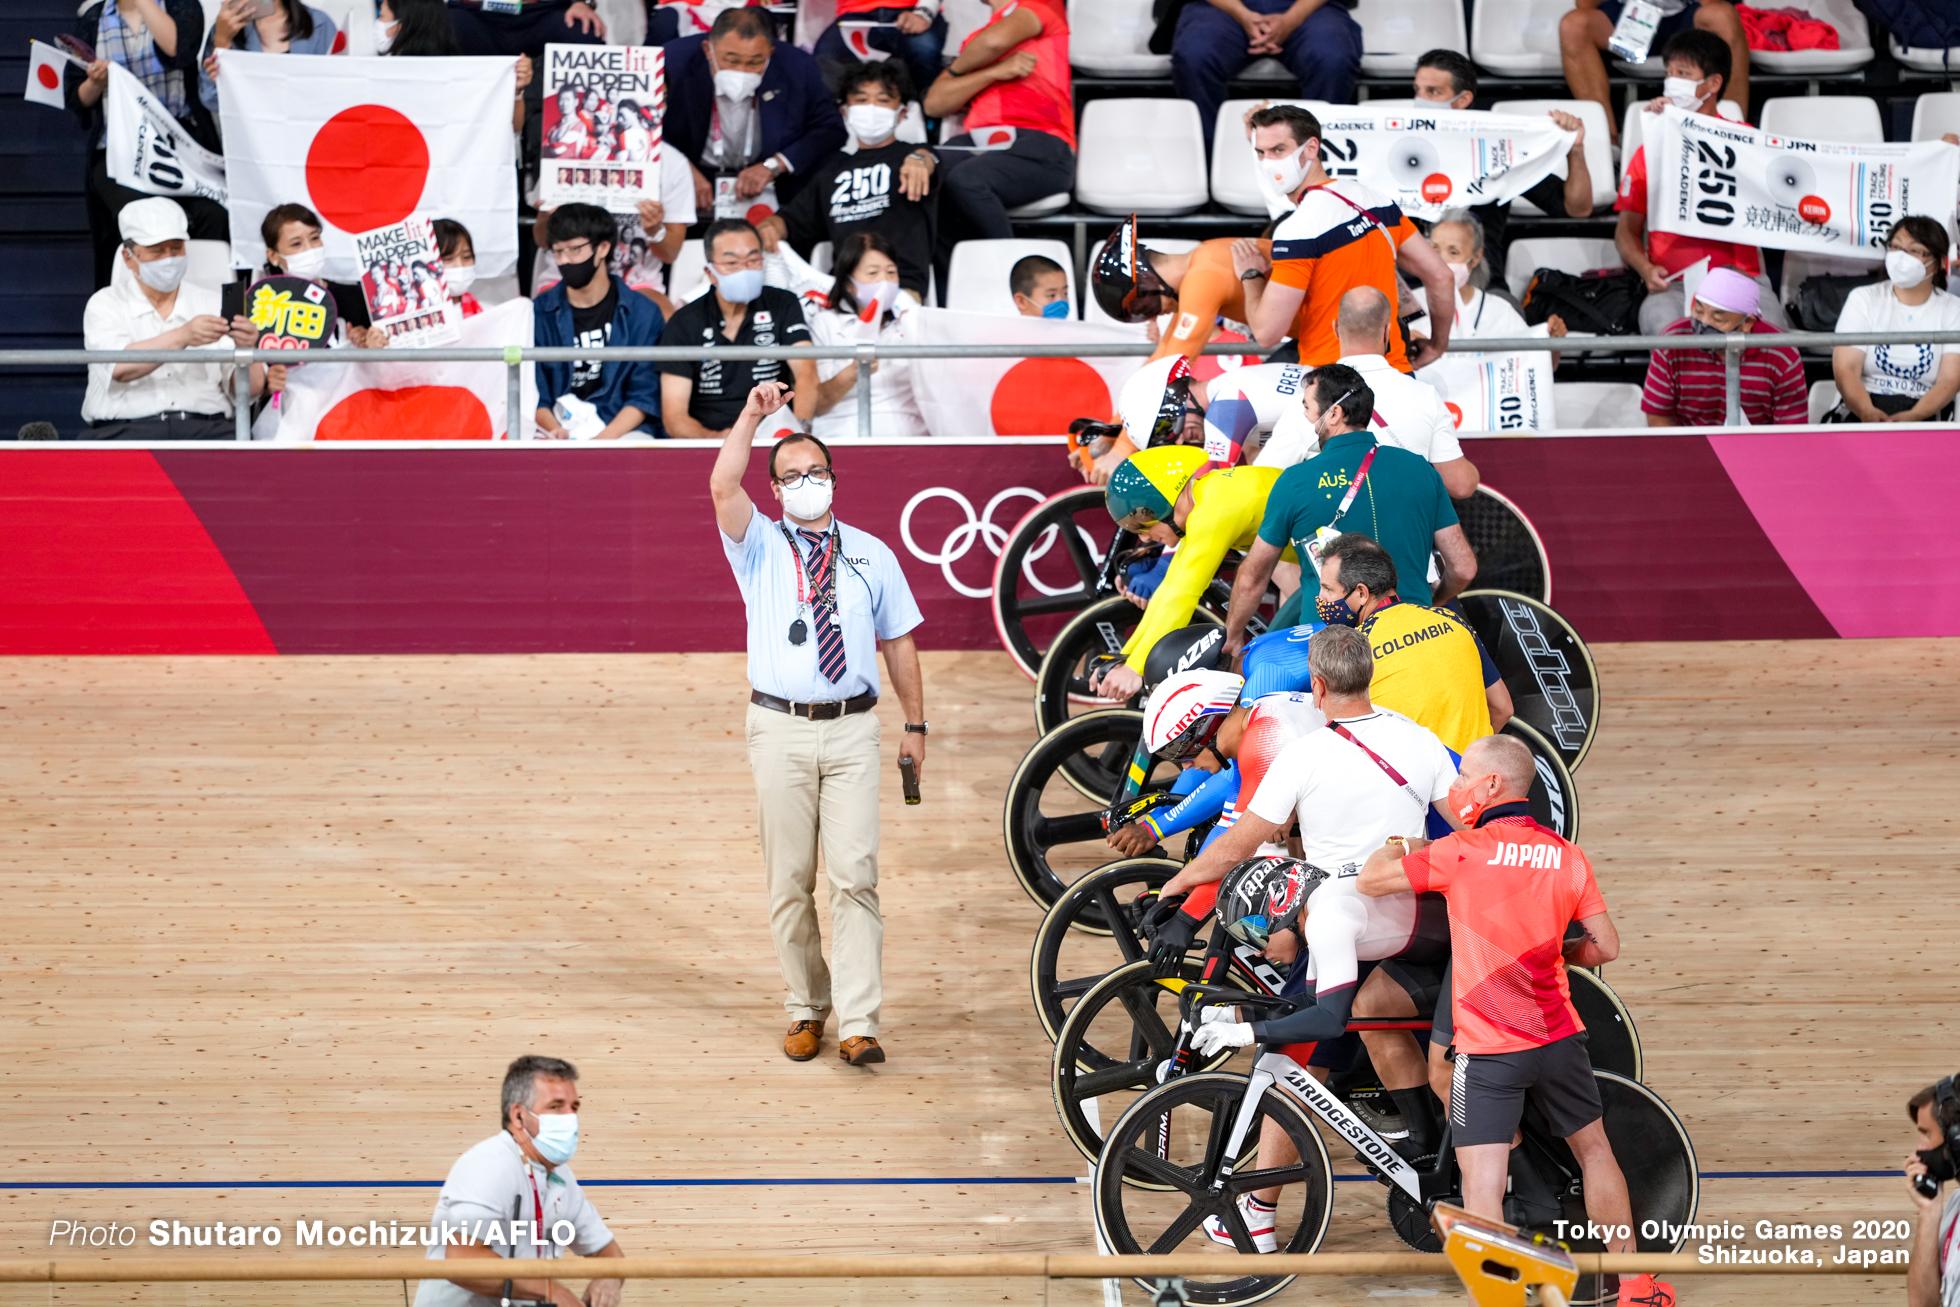 マシュー・リチャードソン Matthew Richardson (AUS), ケビン・キンテロ Kevin Santiago Quintero Chavarro (COL), ライアン・エラル Rayan Helal (FRA), ジェイソン・ケニー Jason Kenny (GBR), 新田祐大 Yudai Nitta (JPN), ハリー・ラブレイセン Harrie Lavreysen (NED), Men's Keirin Quarter-Final AUGUST 8, 2021 - Cycling : during the Tokyo 2020 Olympic Games at the Izu Velodrome in Shizuoka, Japan. (Photo by Shutaro Mochizuki/AFLO)